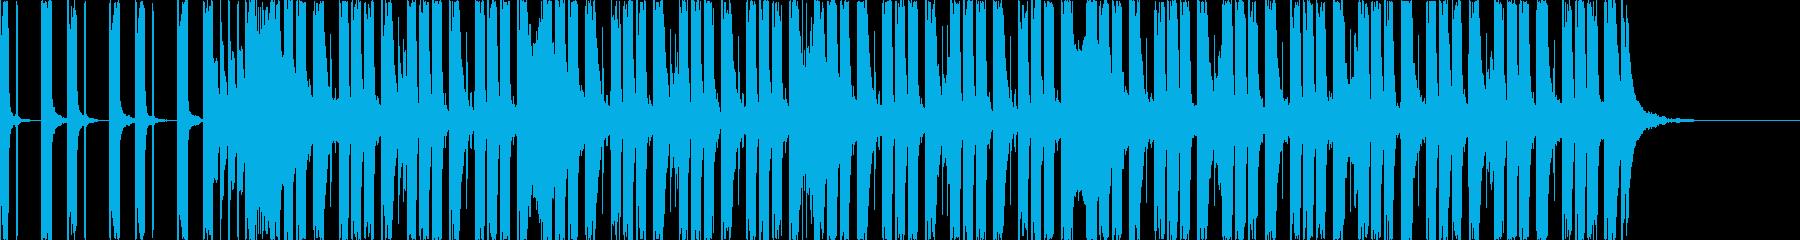 落ち着いた雰囲気のミディアムエレクトロの再生済みの波形